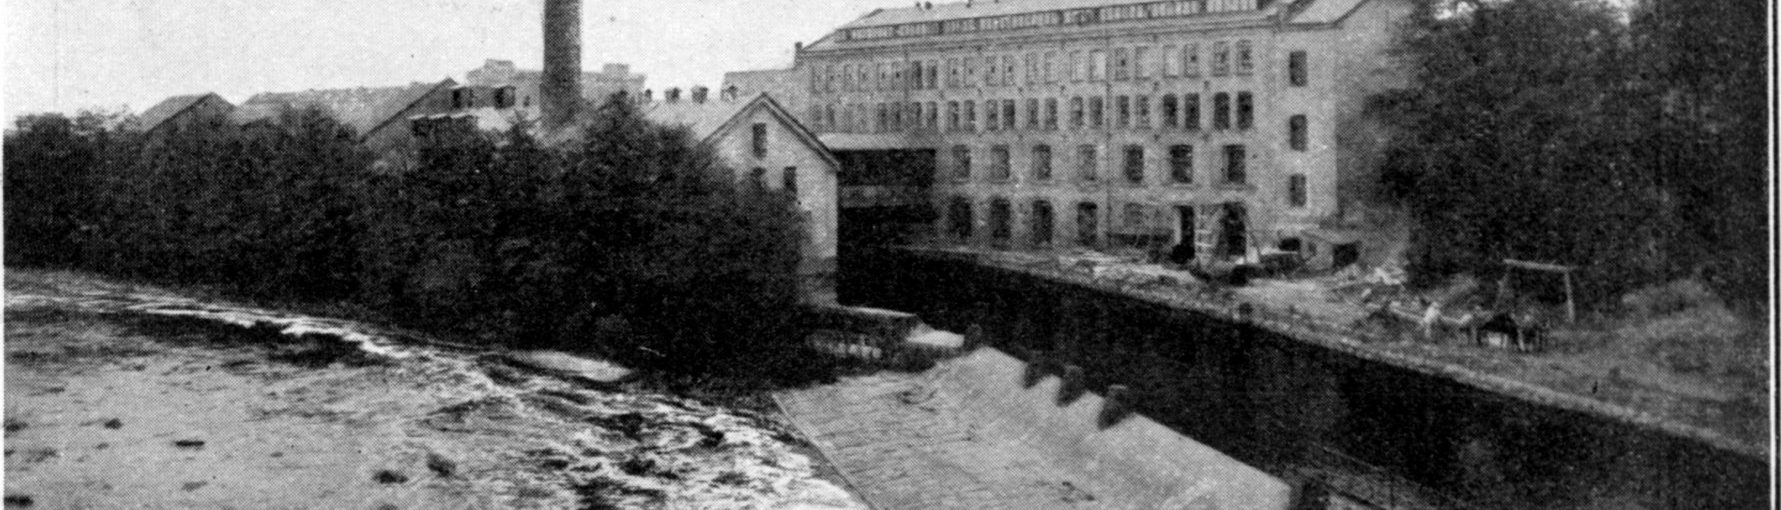 Fabriken